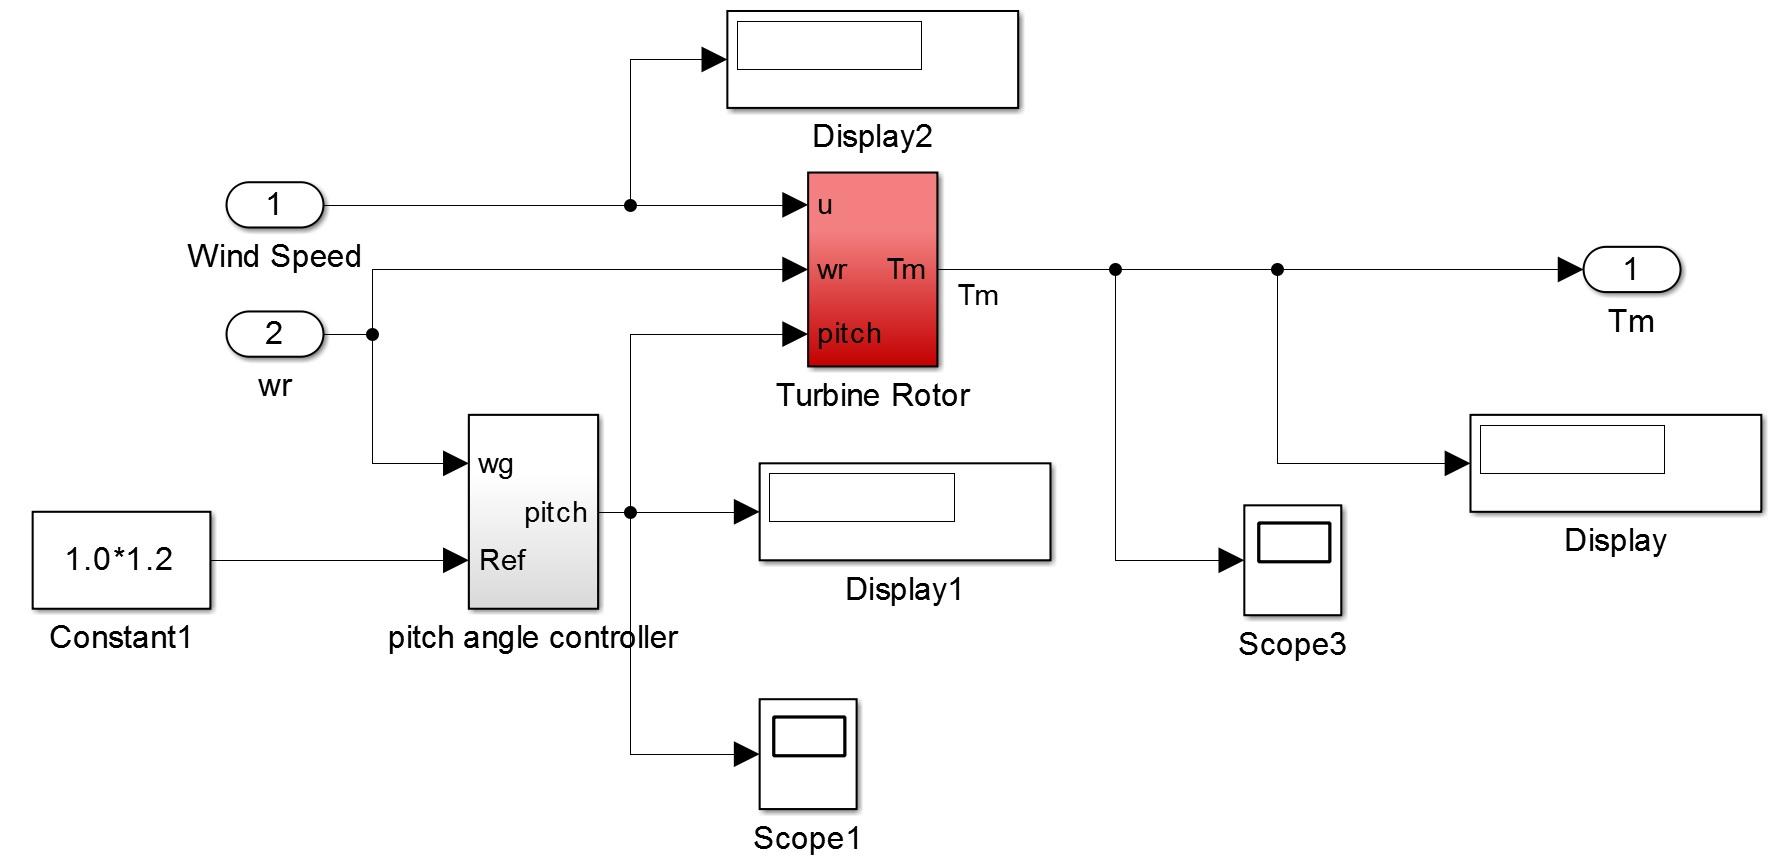 شبیه سازی توربین بادی 1.5MW با درایور مستقیم متصل به PMSG (مغناطیس دائم)5